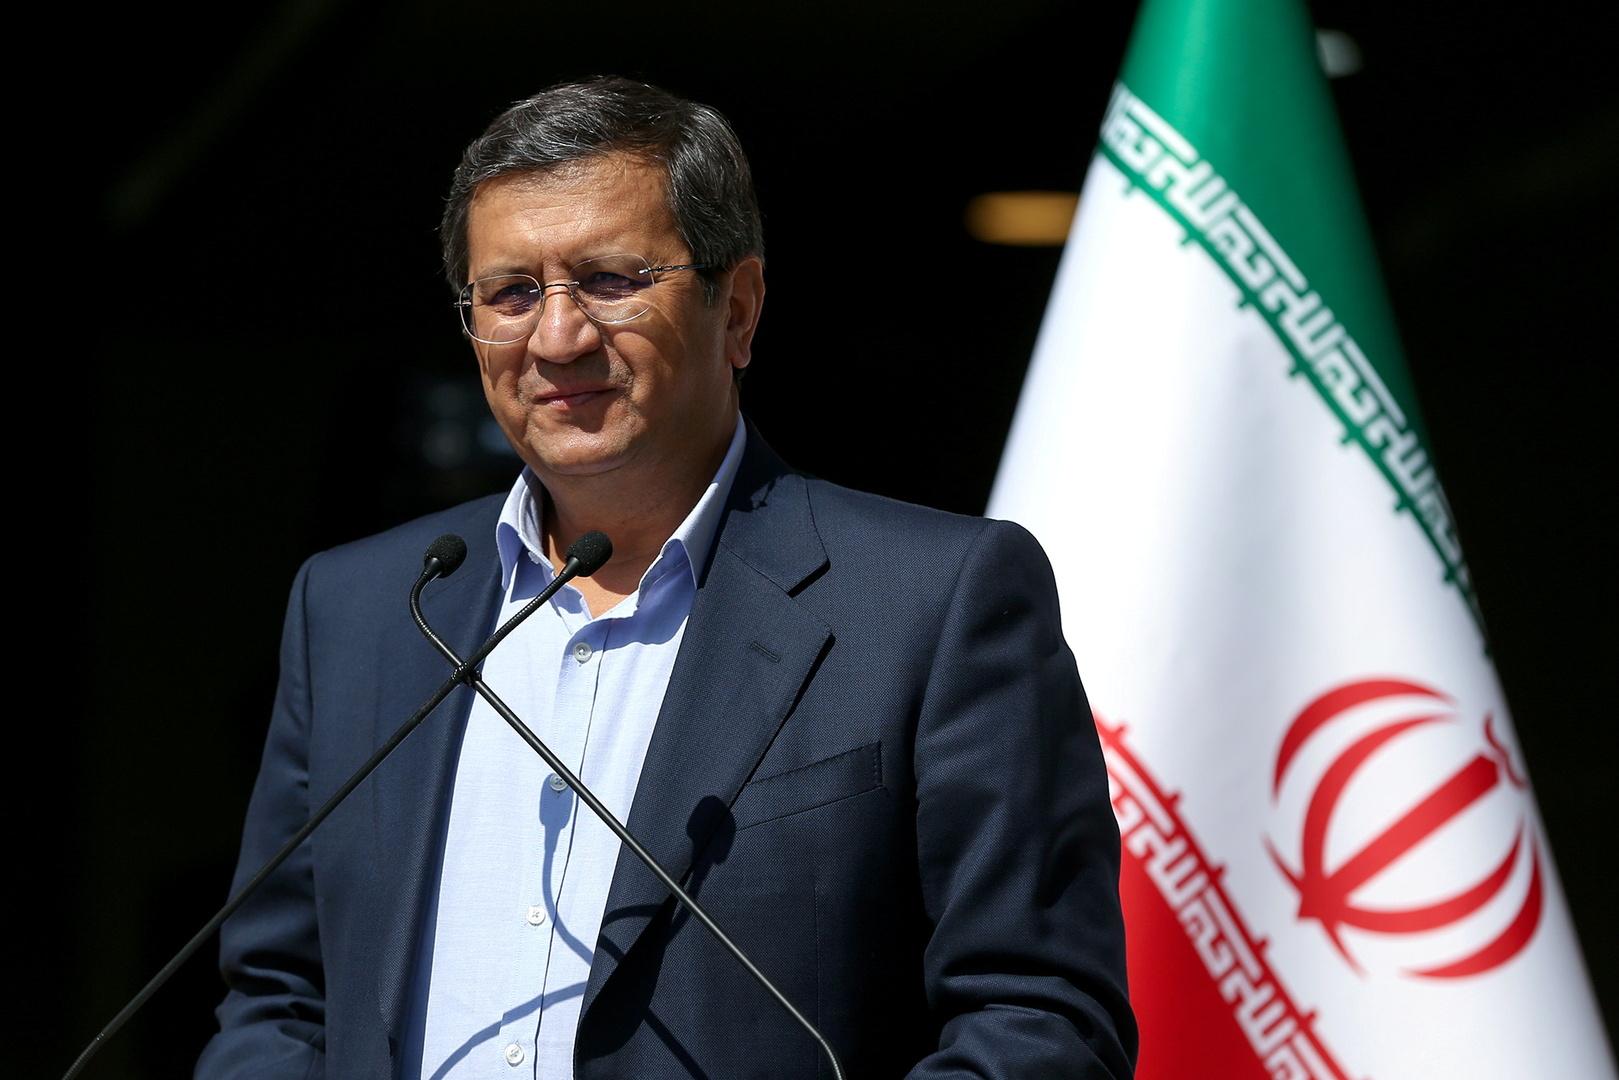 مرشح رئاسي إيراني: التنمية الاقتصادية لا تتم من دون التعامل القوي مع الخارج وسأدعو ظريف إلى حكومتي